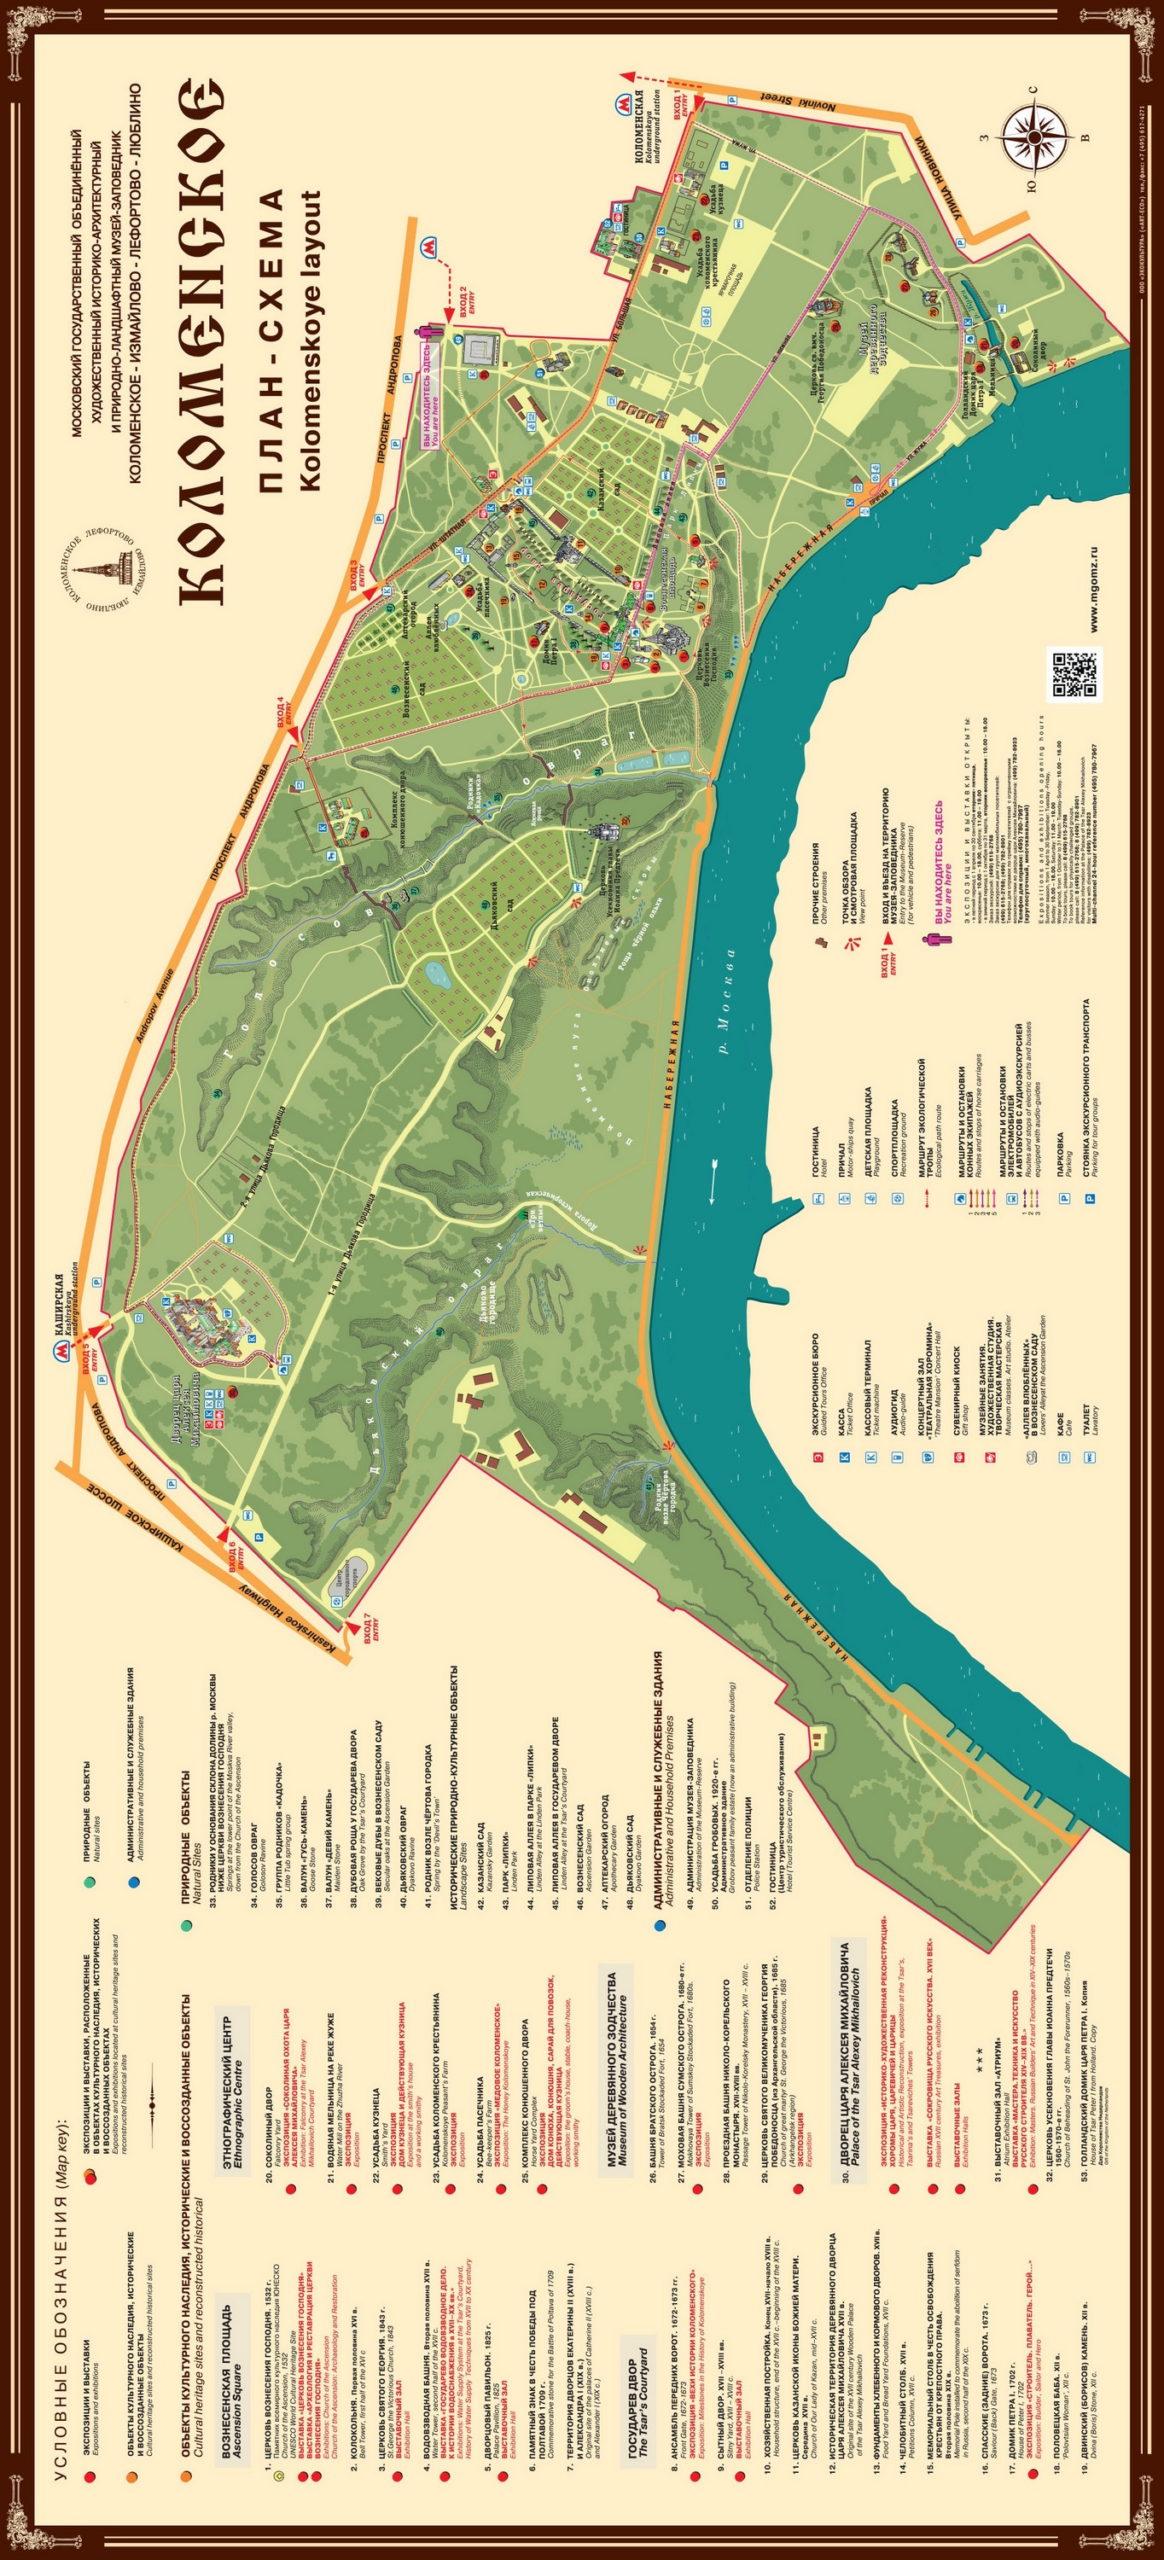 Kolomenskoye park map - Moscow